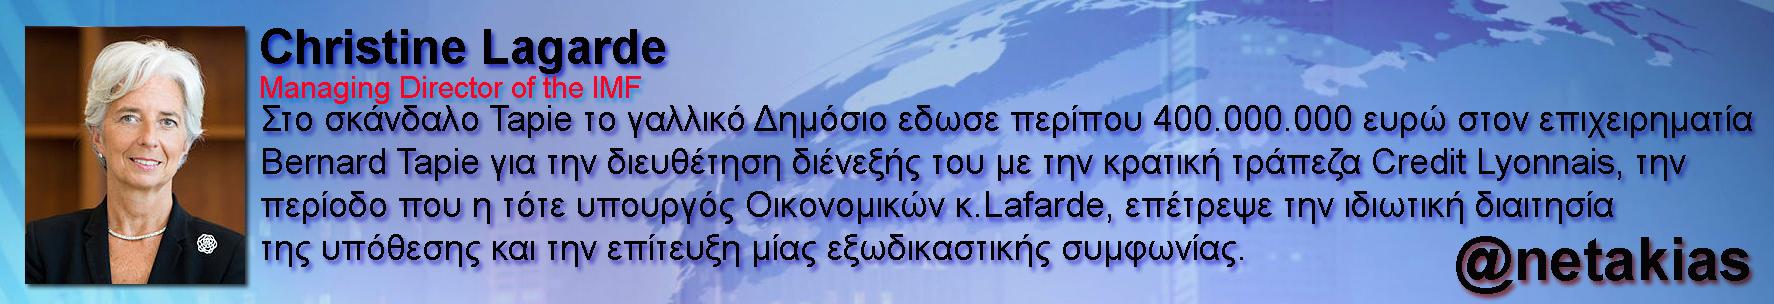 Εργα και Ημέρες της Κριστίν Λαγκάρντ  @Atsipras @PanosKammenos @Pablo_Iglesias_